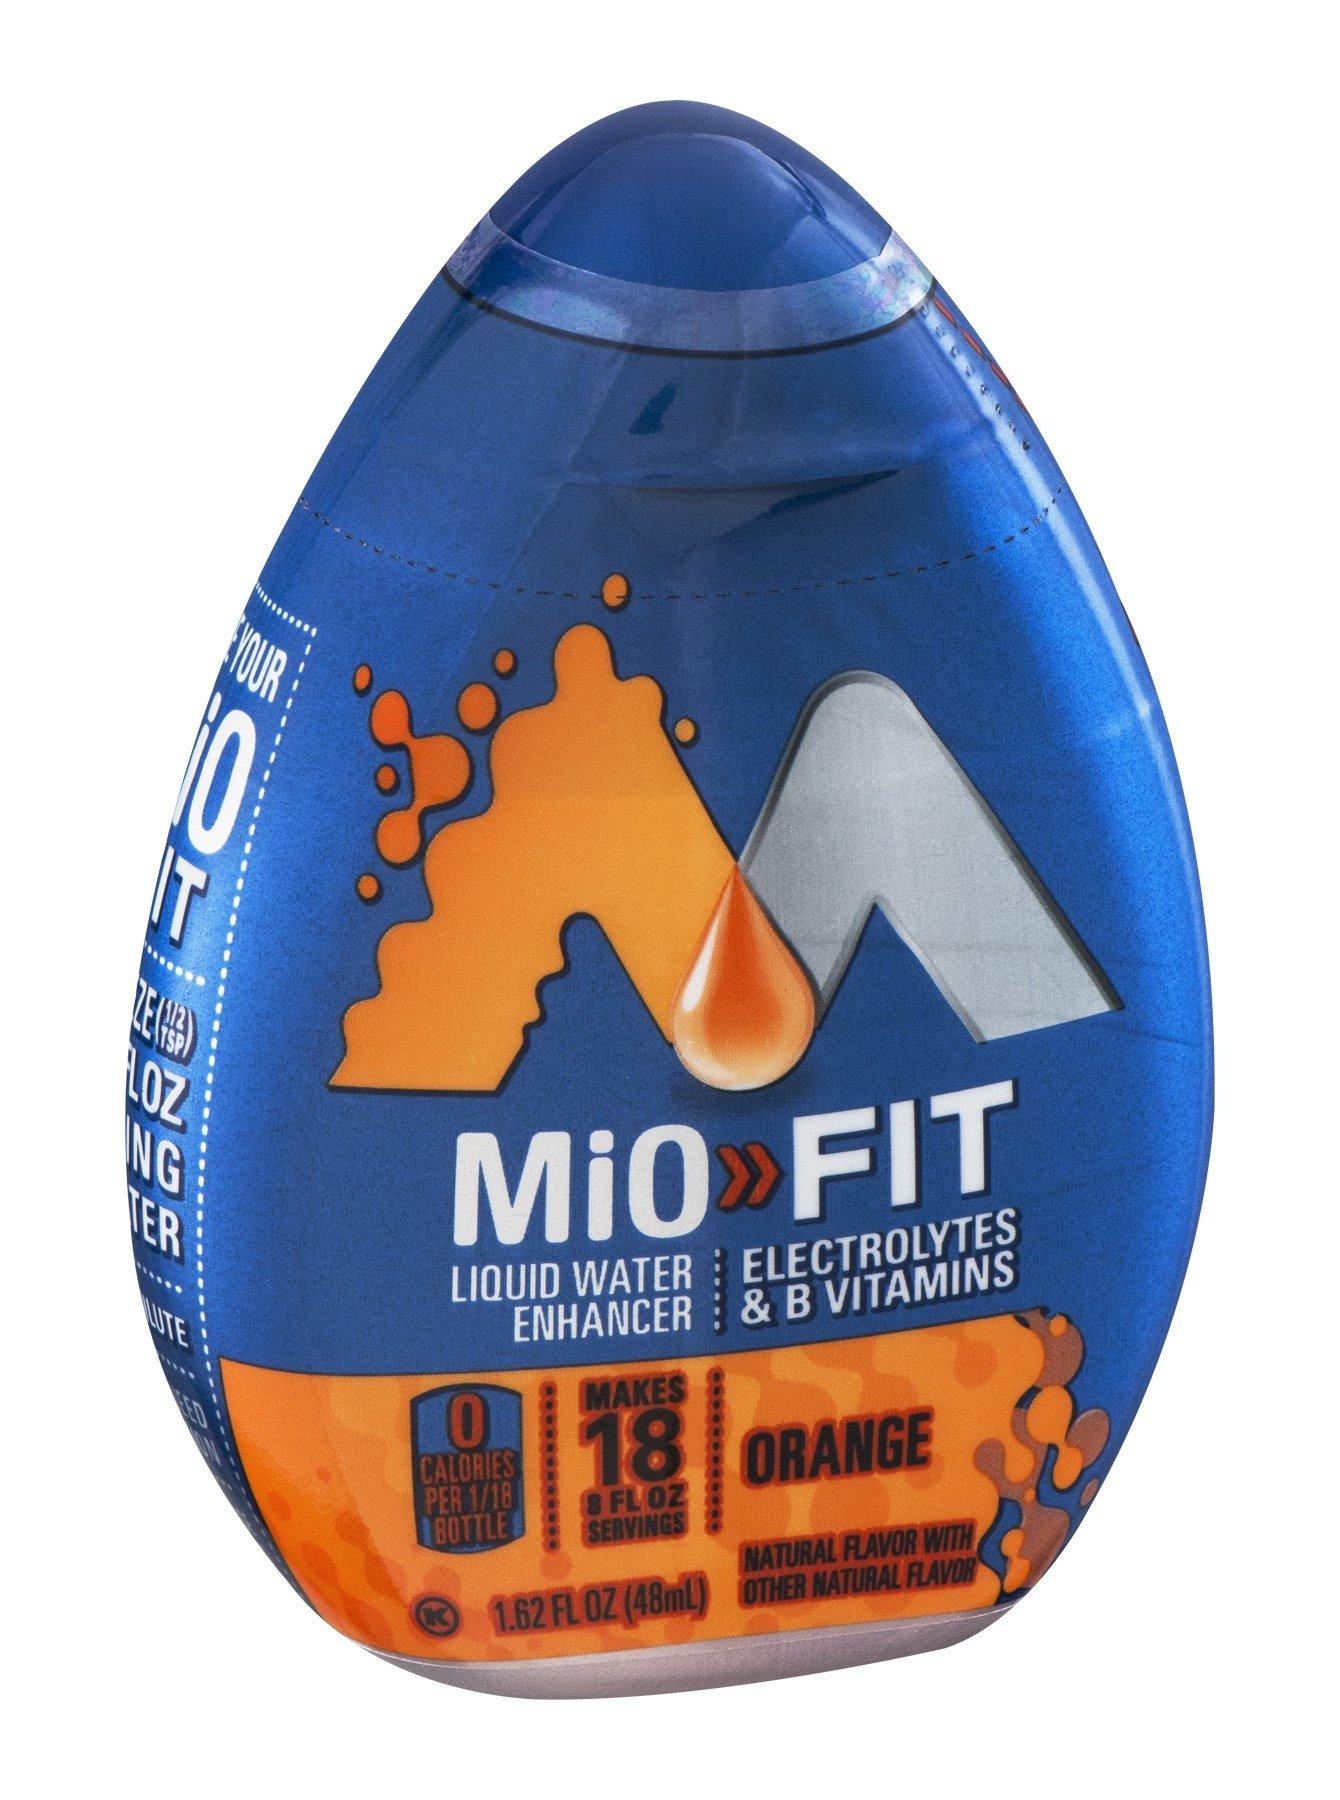 Mio MiO Fit Liquid Water Enhancer Orange Flavor 1.62 OZ (Pack of 12)